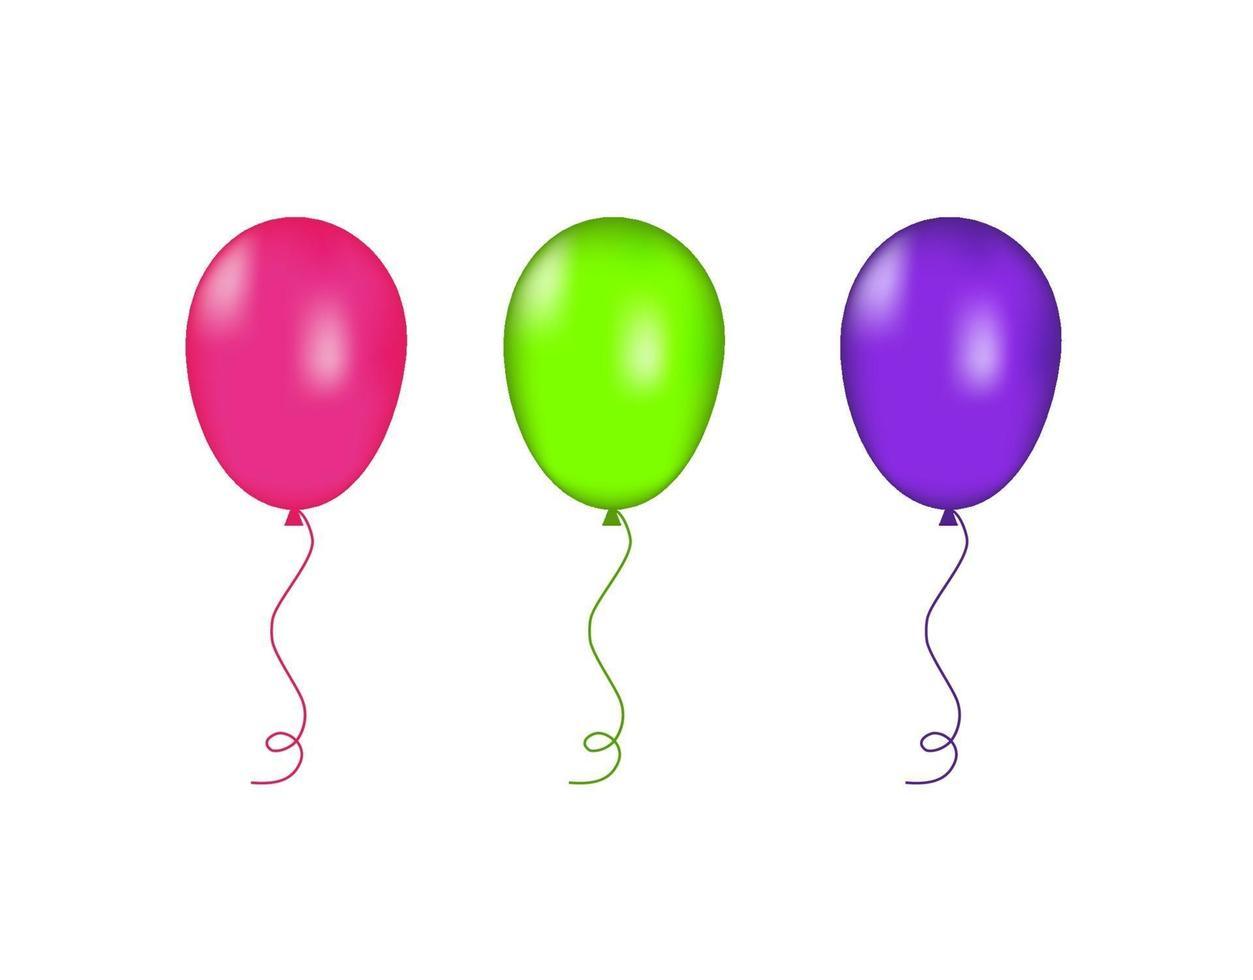 roze, groene en paarse ballonnen geïsoleerd. vector illustratie